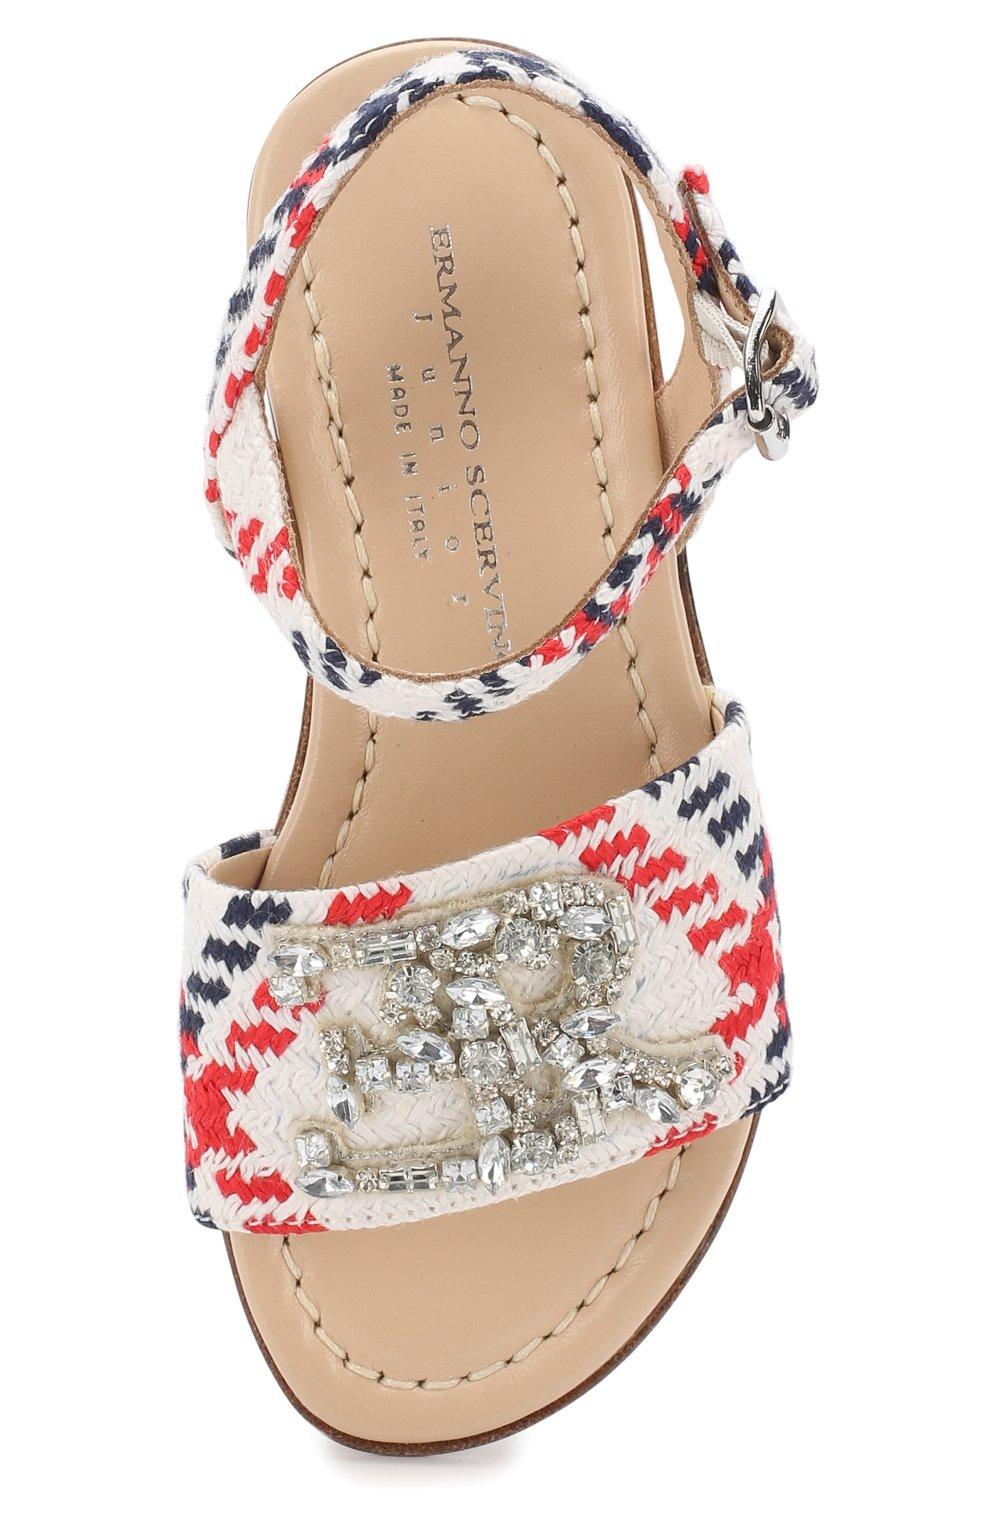 Текстильные сандалии на ремешке с кристаллами | Фото №4